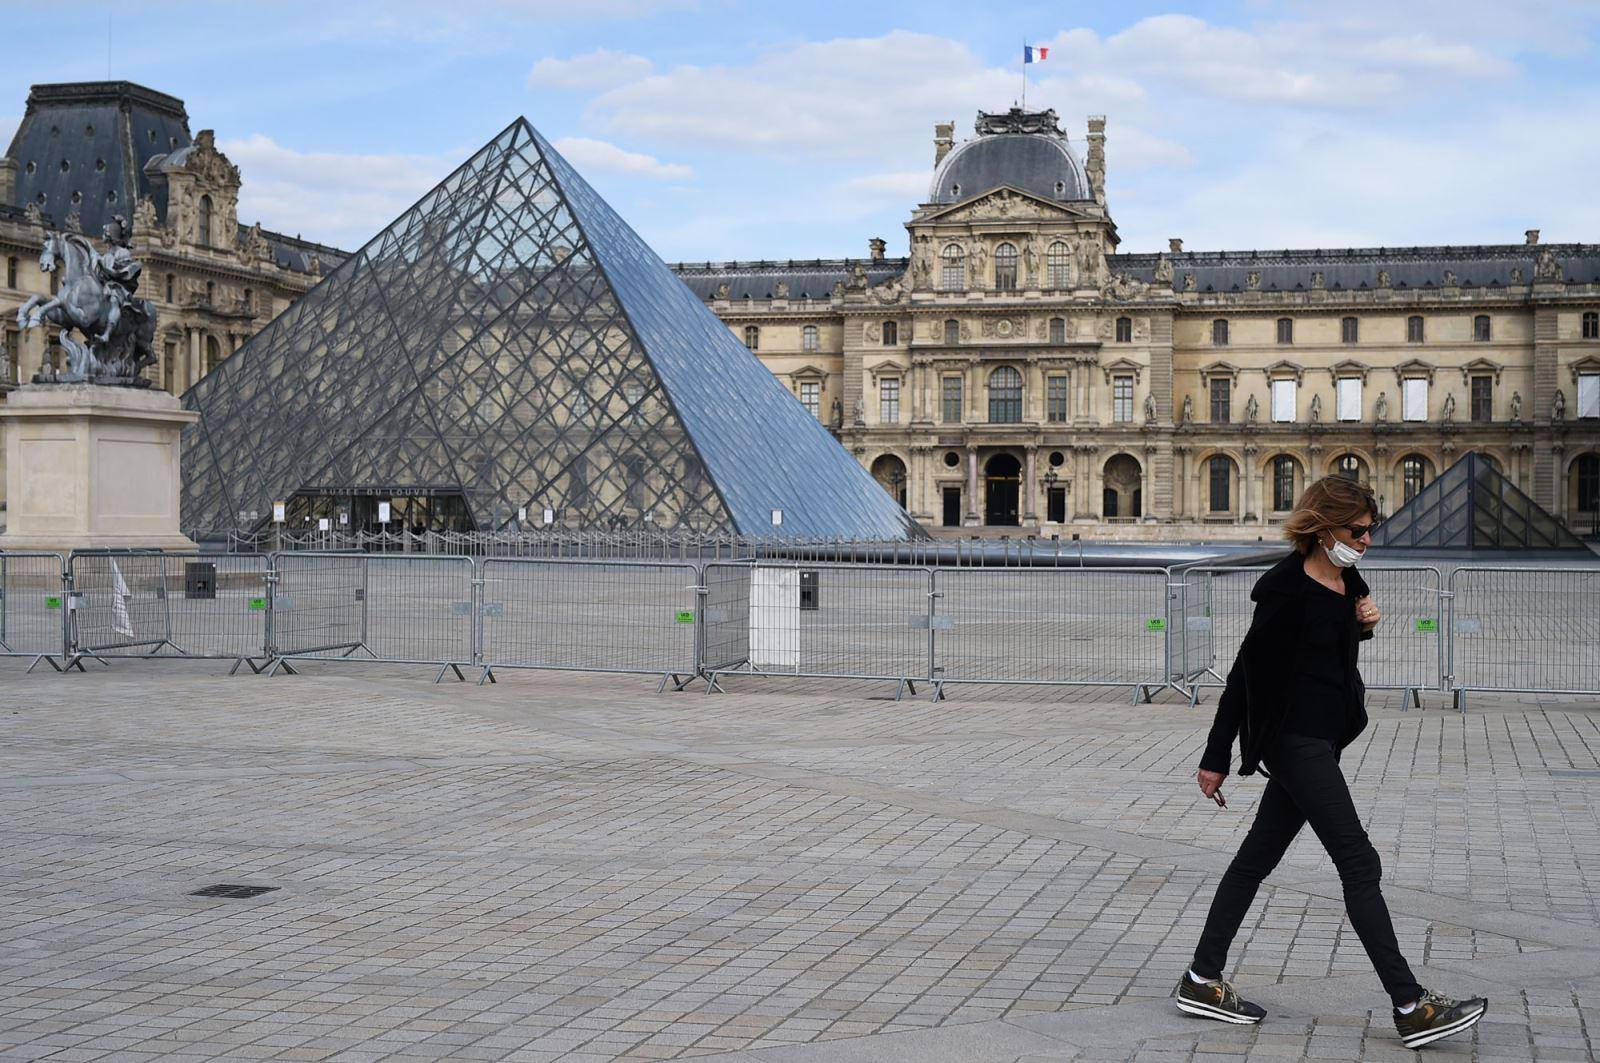 Bảo tàng Louvre trong thời kỳ phong toả vì dịch COVID-19. Ảnh: CNN